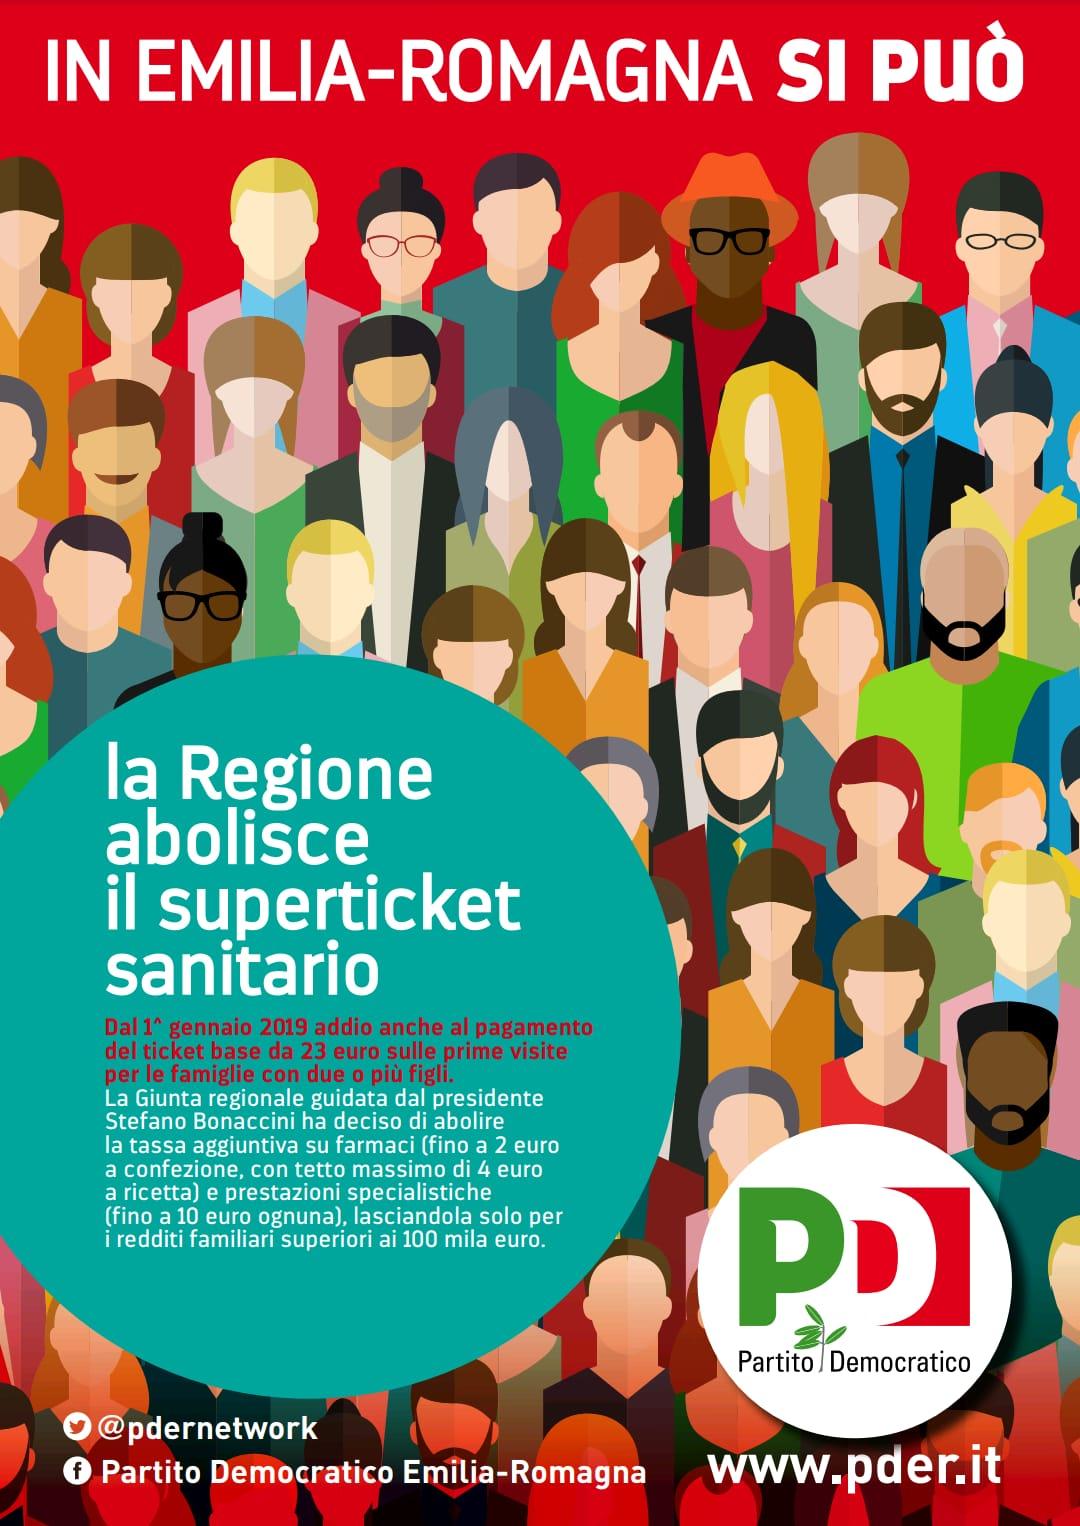 La Regione abolisce il superticket